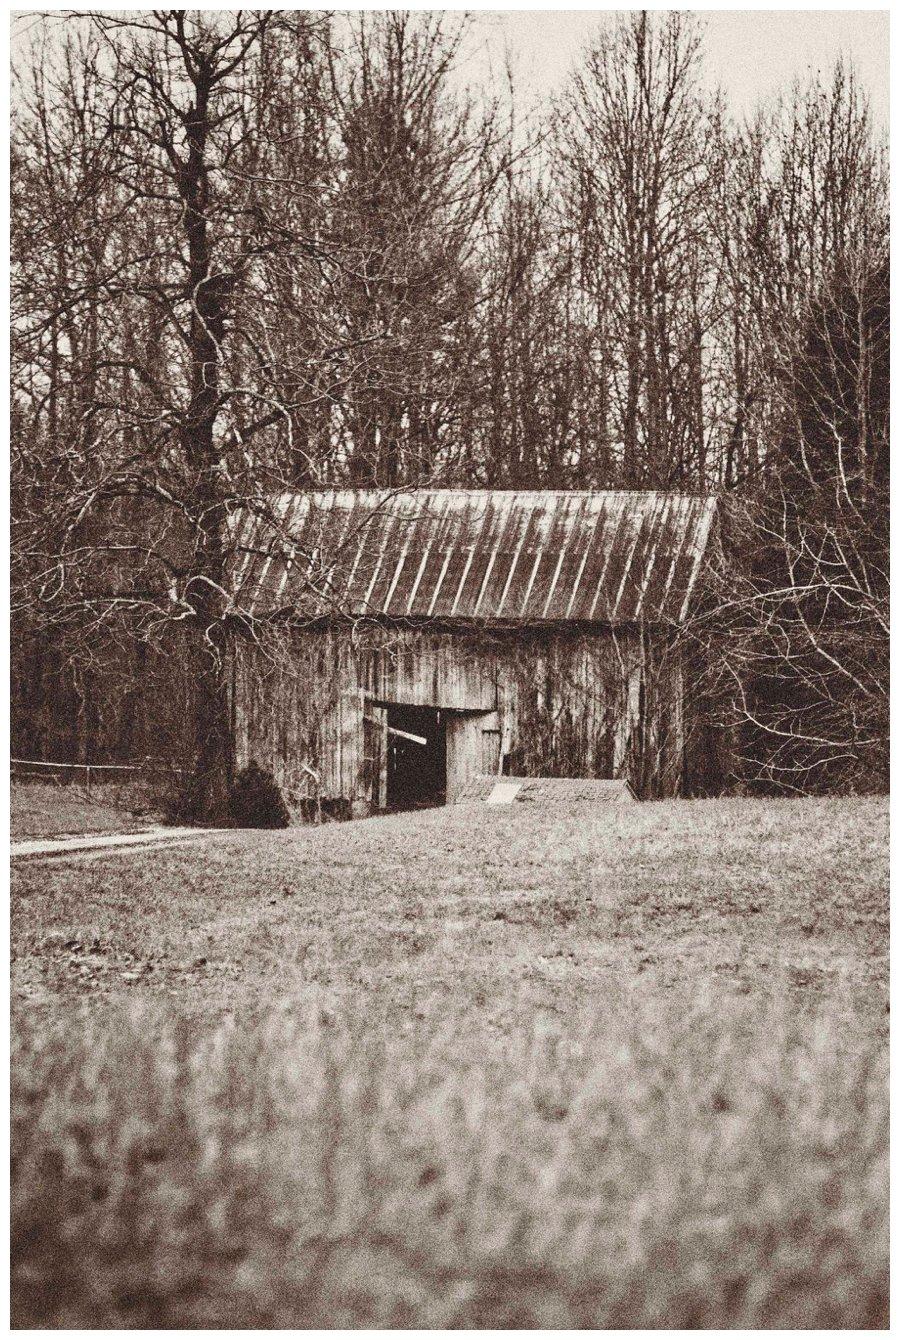 calvert county barns-6